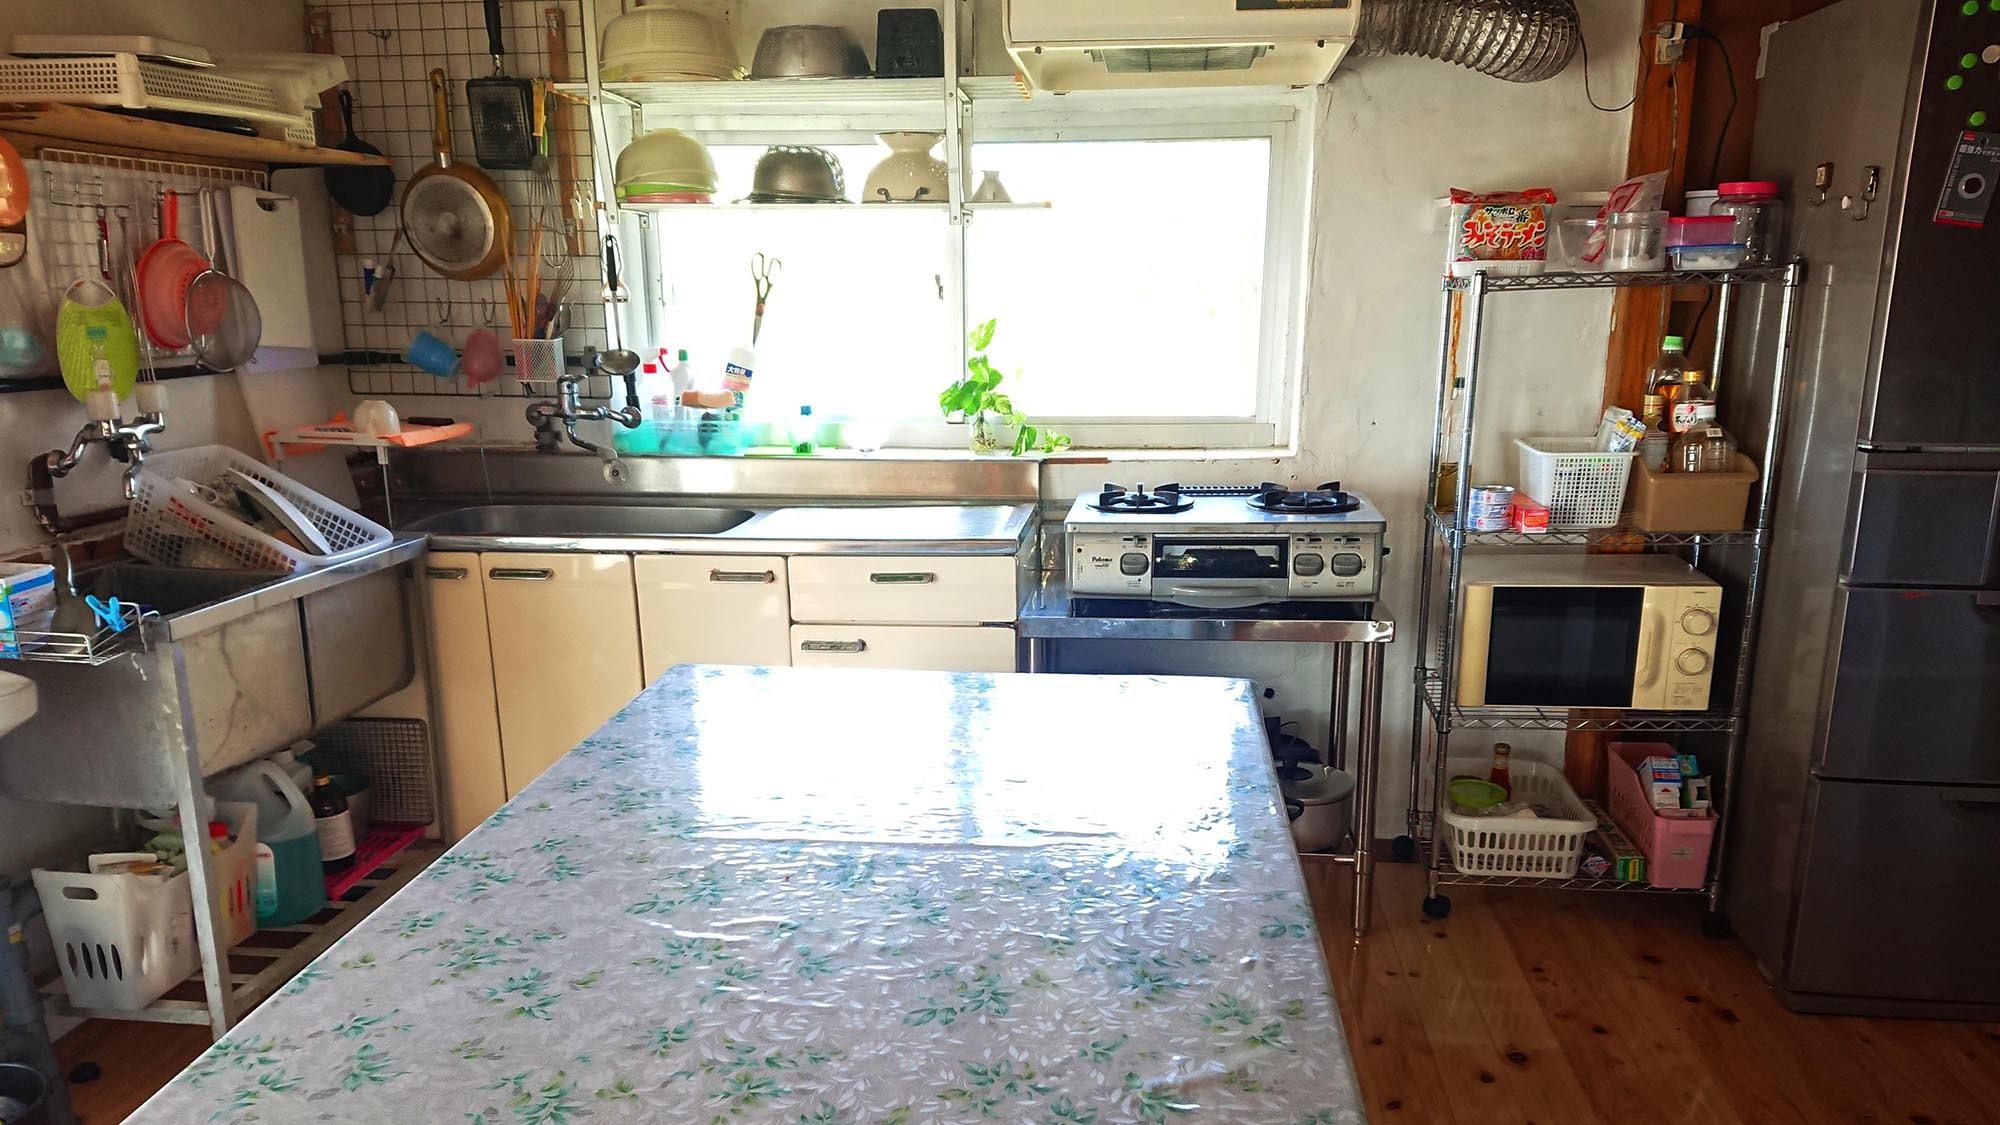 ・【母屋】キッチン 325Lの大容量冷蔵庫が嬉しい♪